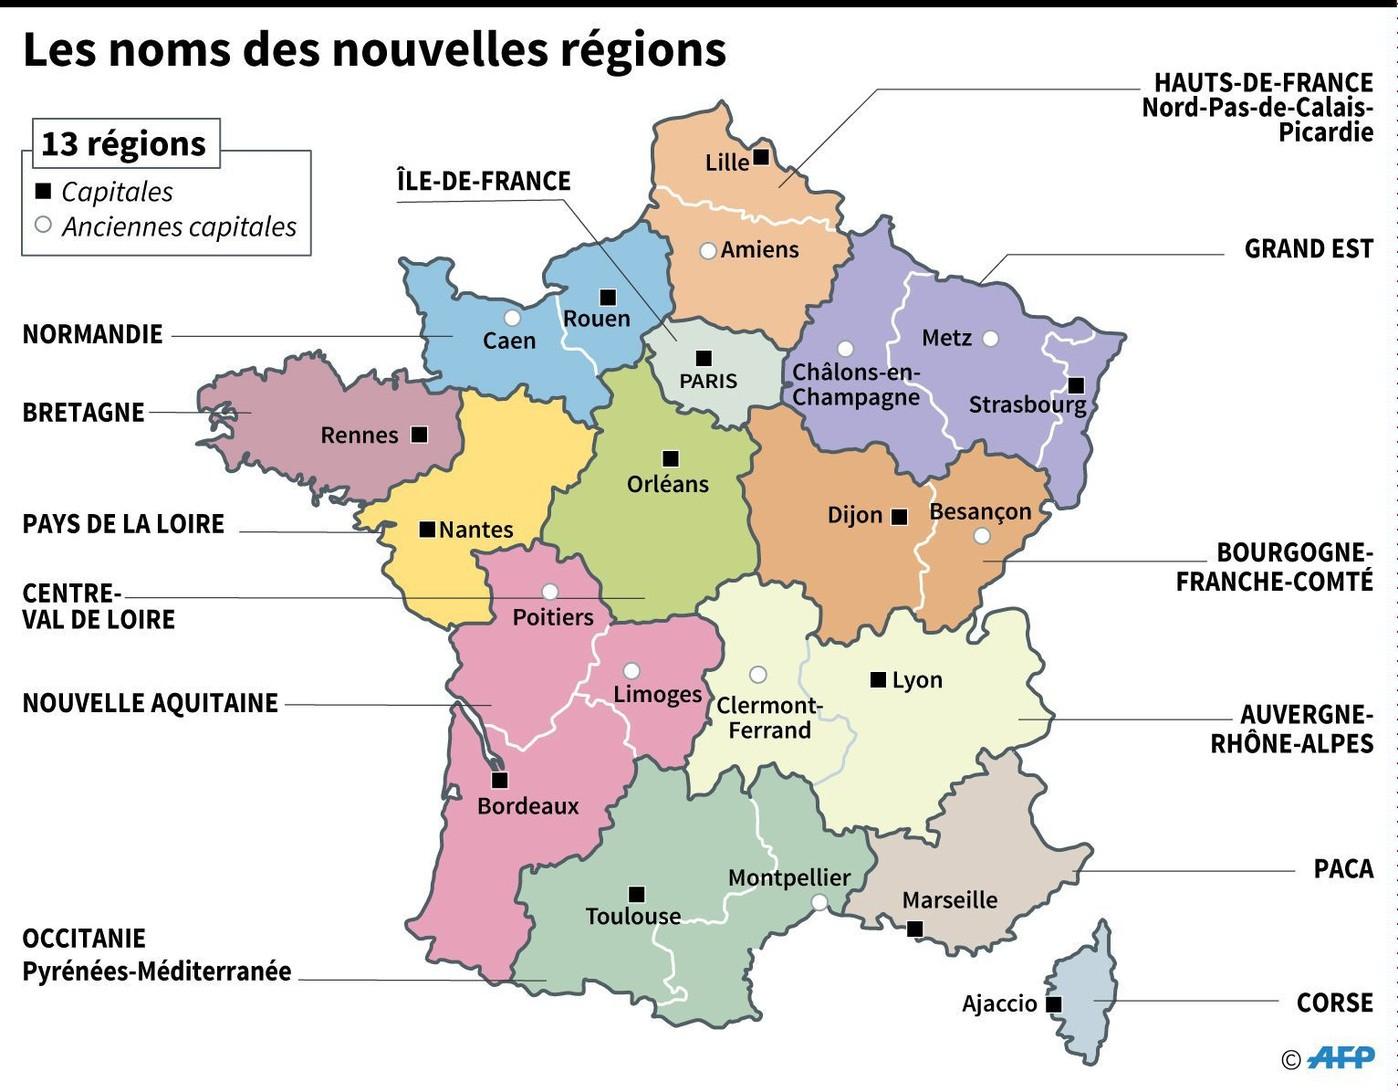 Ce Que Signifie Le Nom Des Nouvelles Régions destiné Nouvelles Régions De France